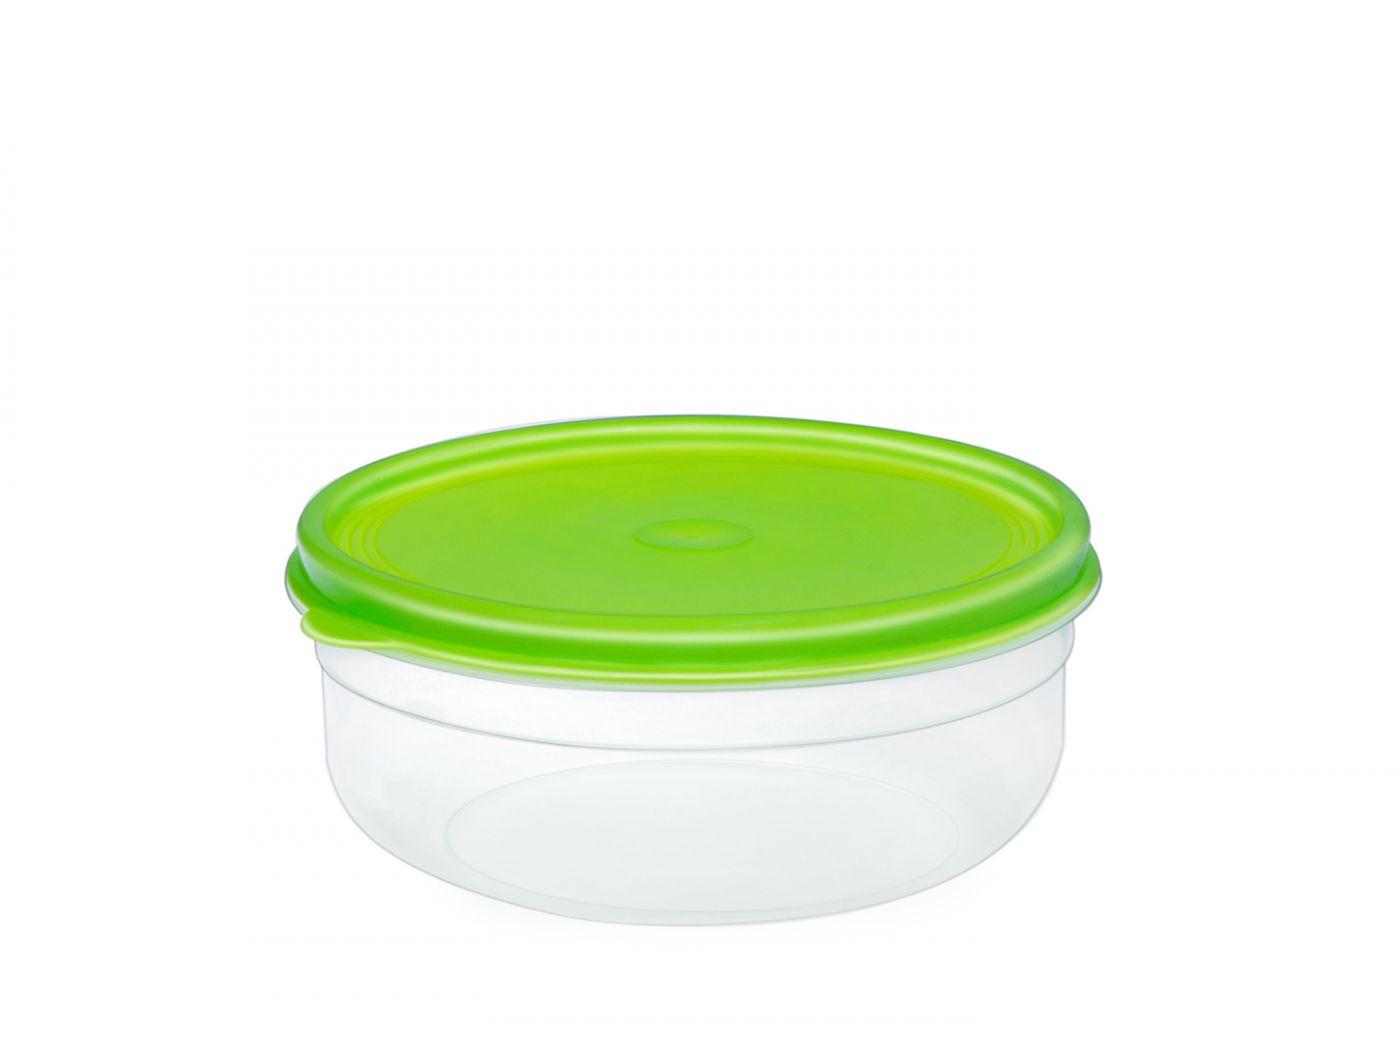 Бутербродница круглая 1 литр Эльфпласт контейнер для хранения еды с салатовой крышкой 16,5 см